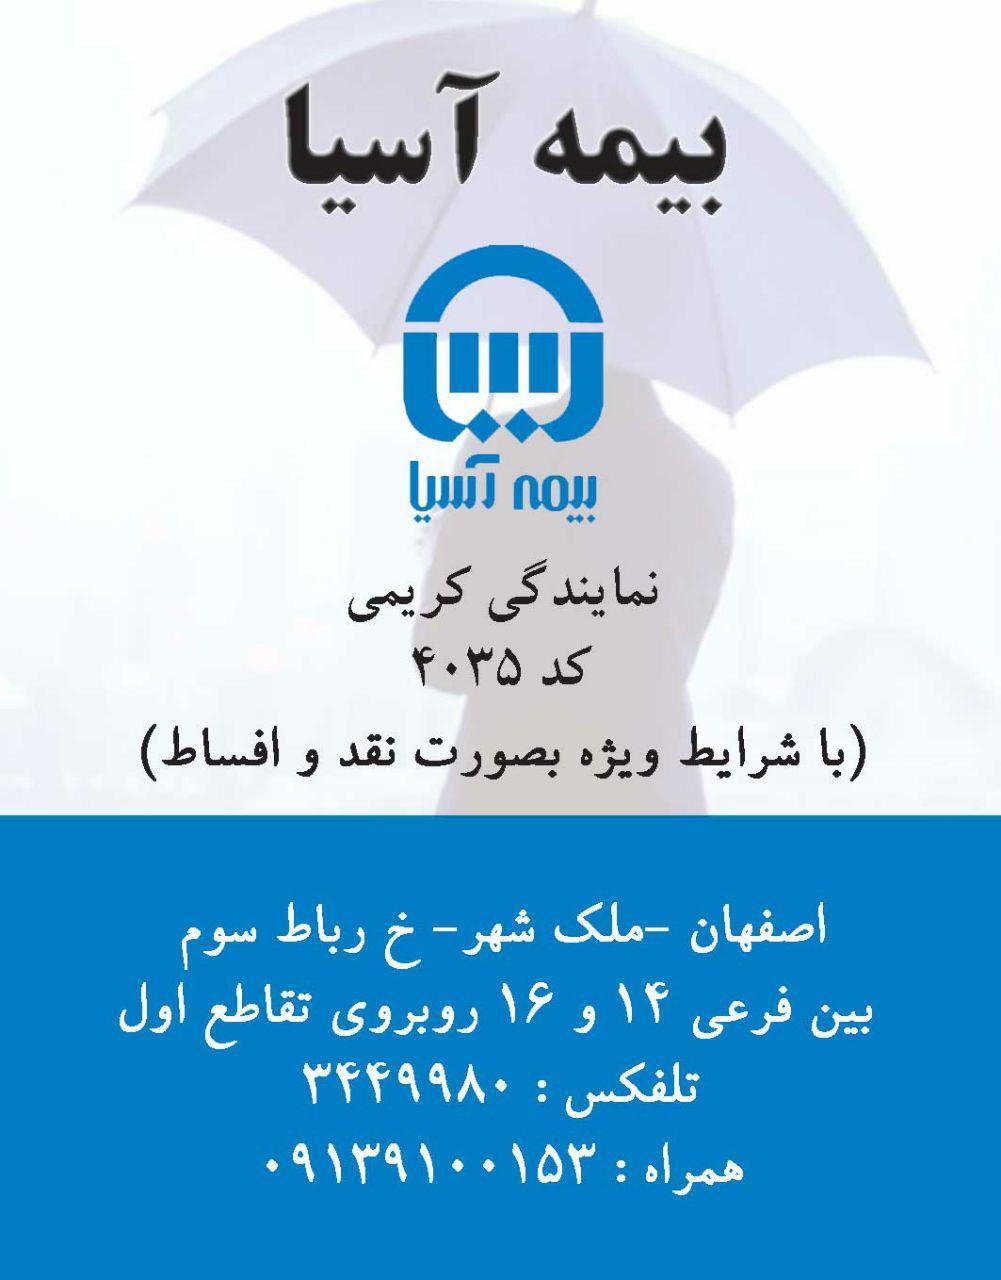 بیمه آسیا در اصفهان